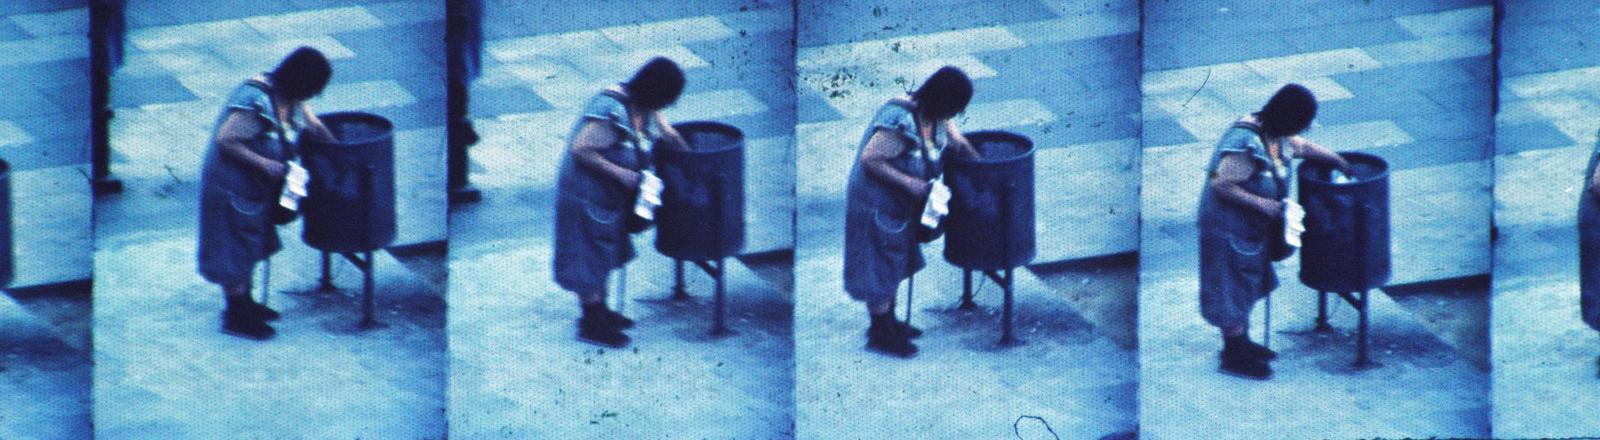 Ein Negativabdruck einer Fotosequenz